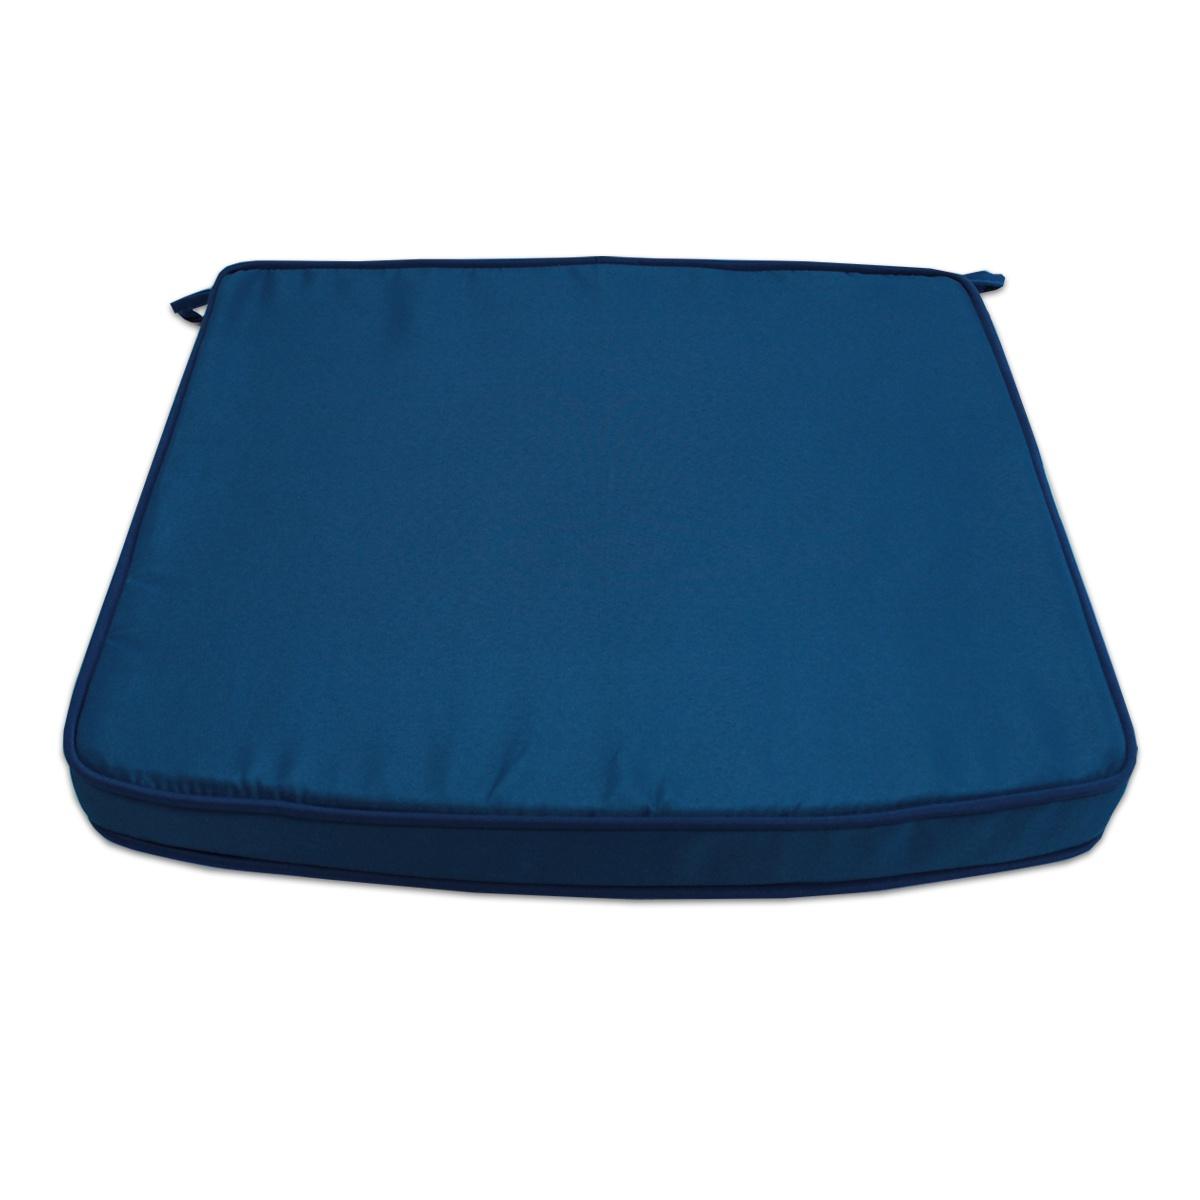 Coussin bleu marine pour fauteuils fixes